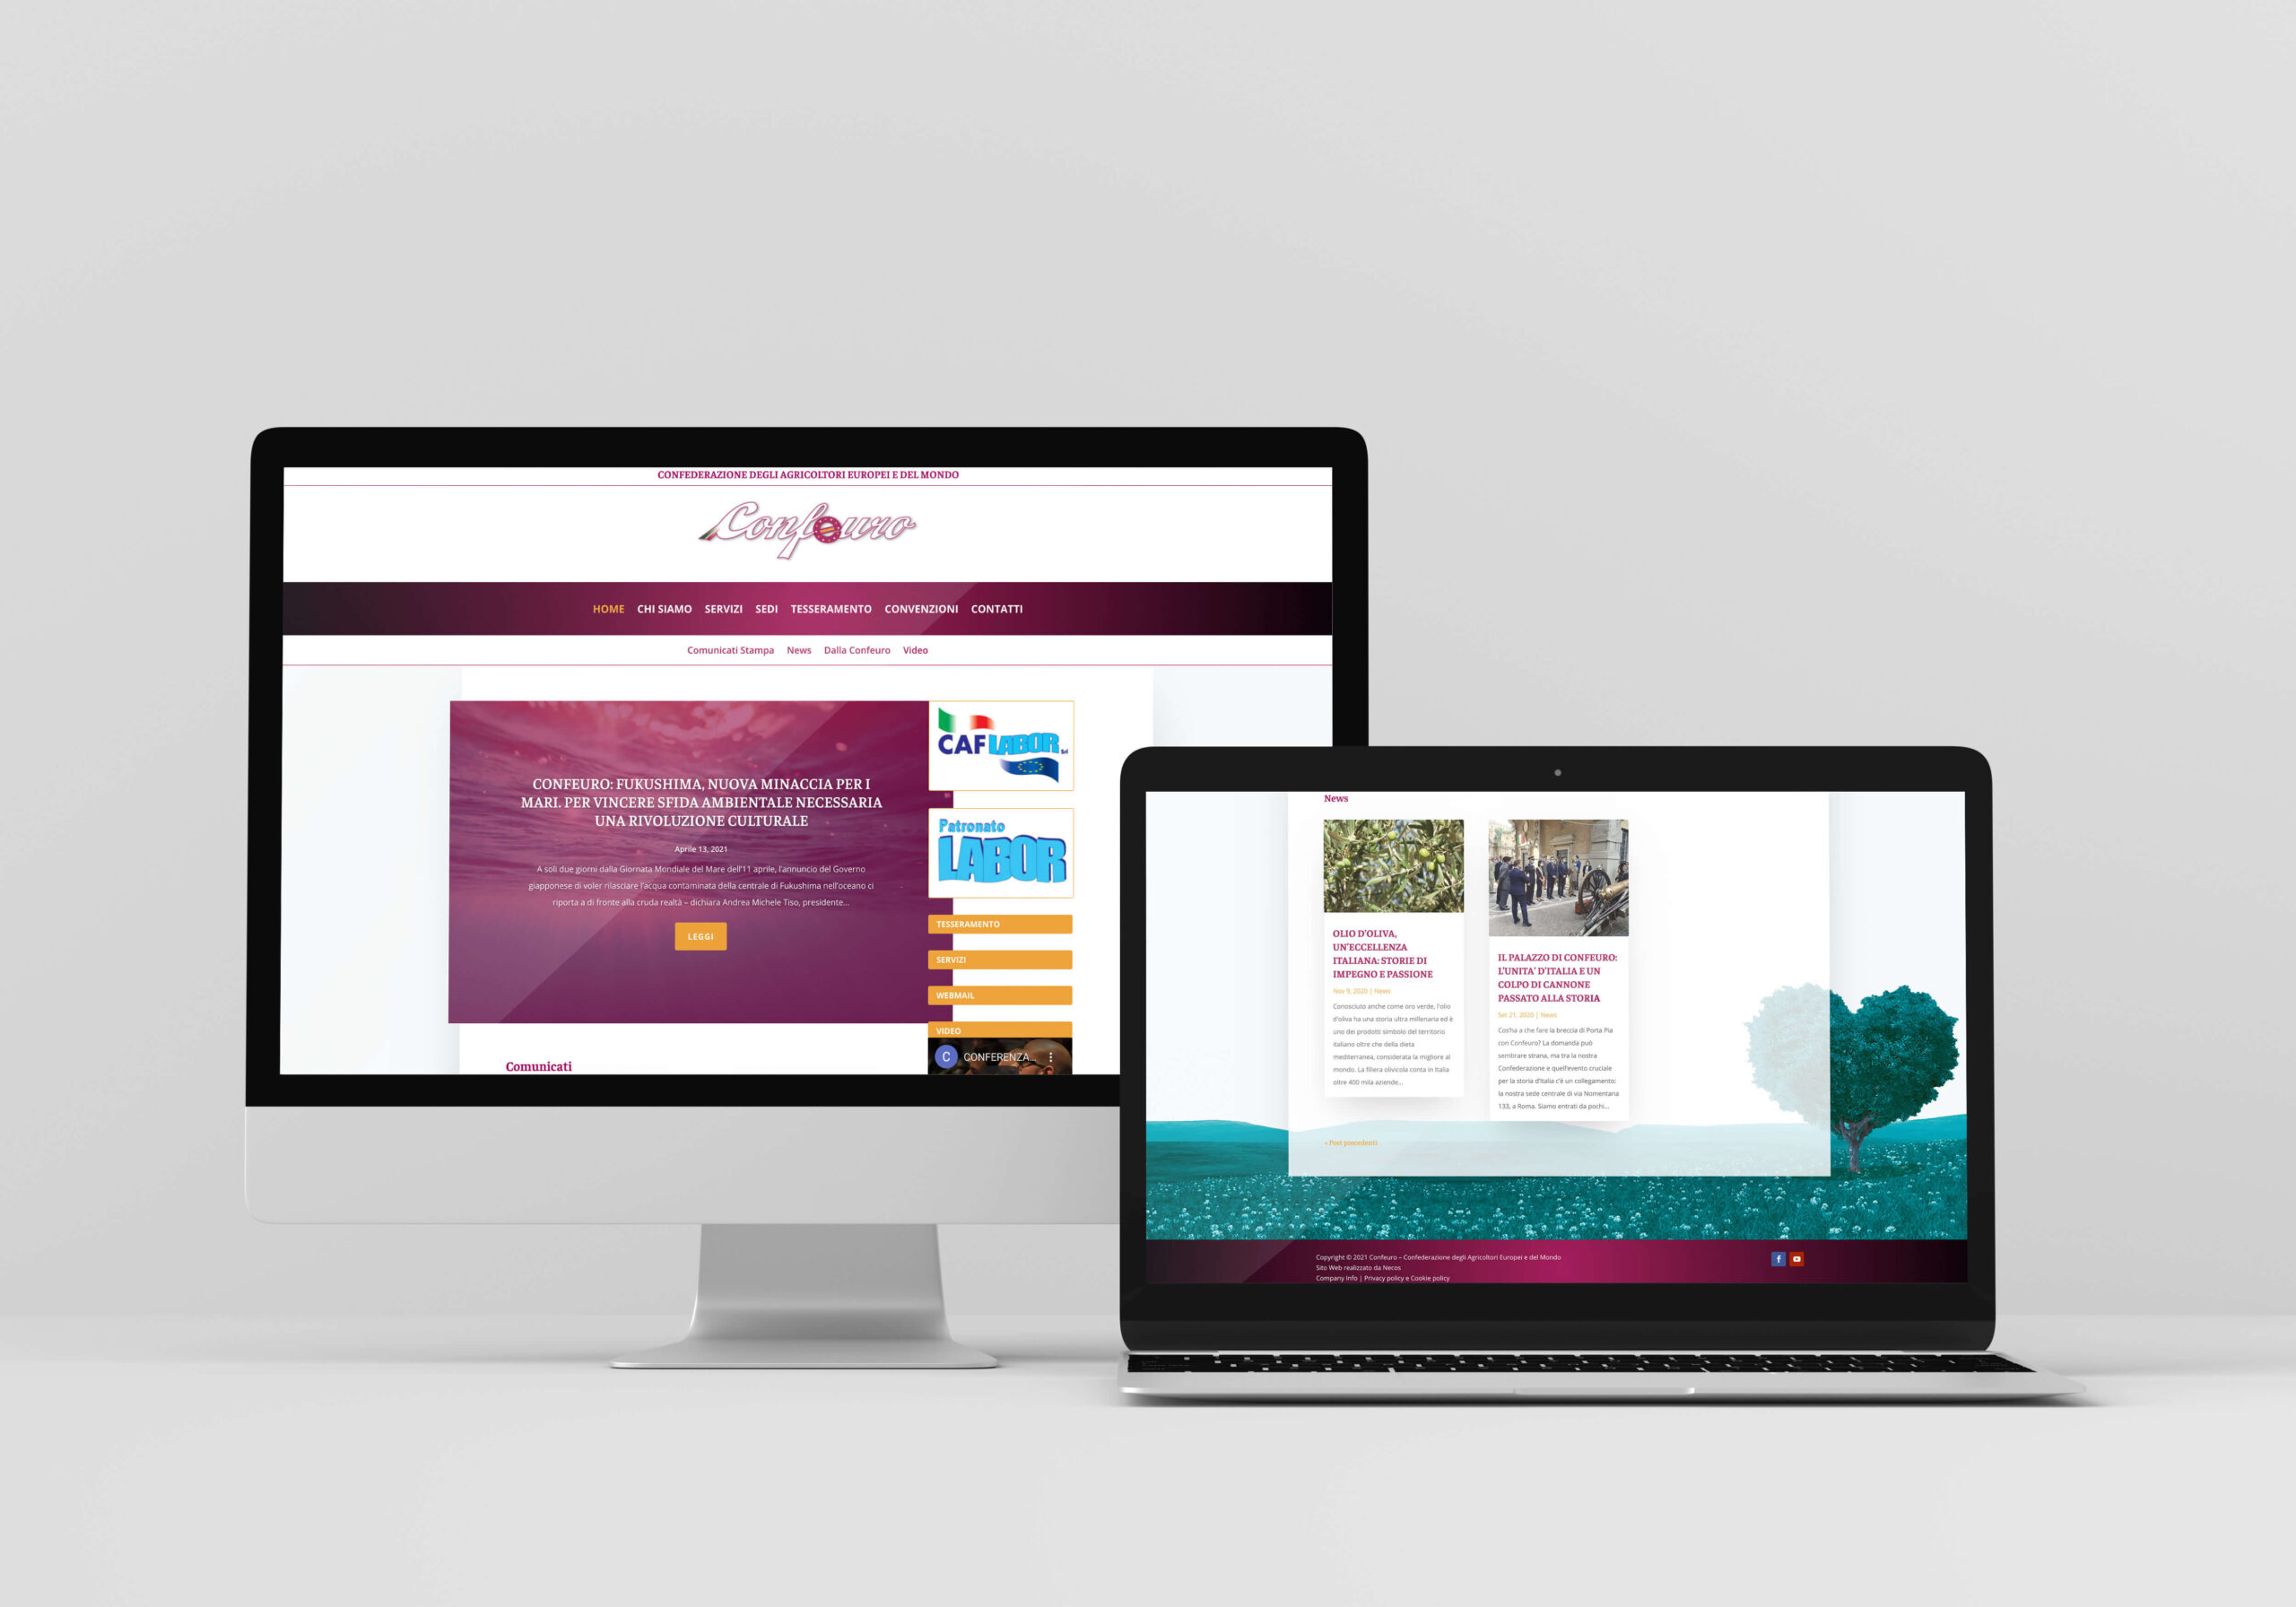 Sito web di fondazionedechirico.org